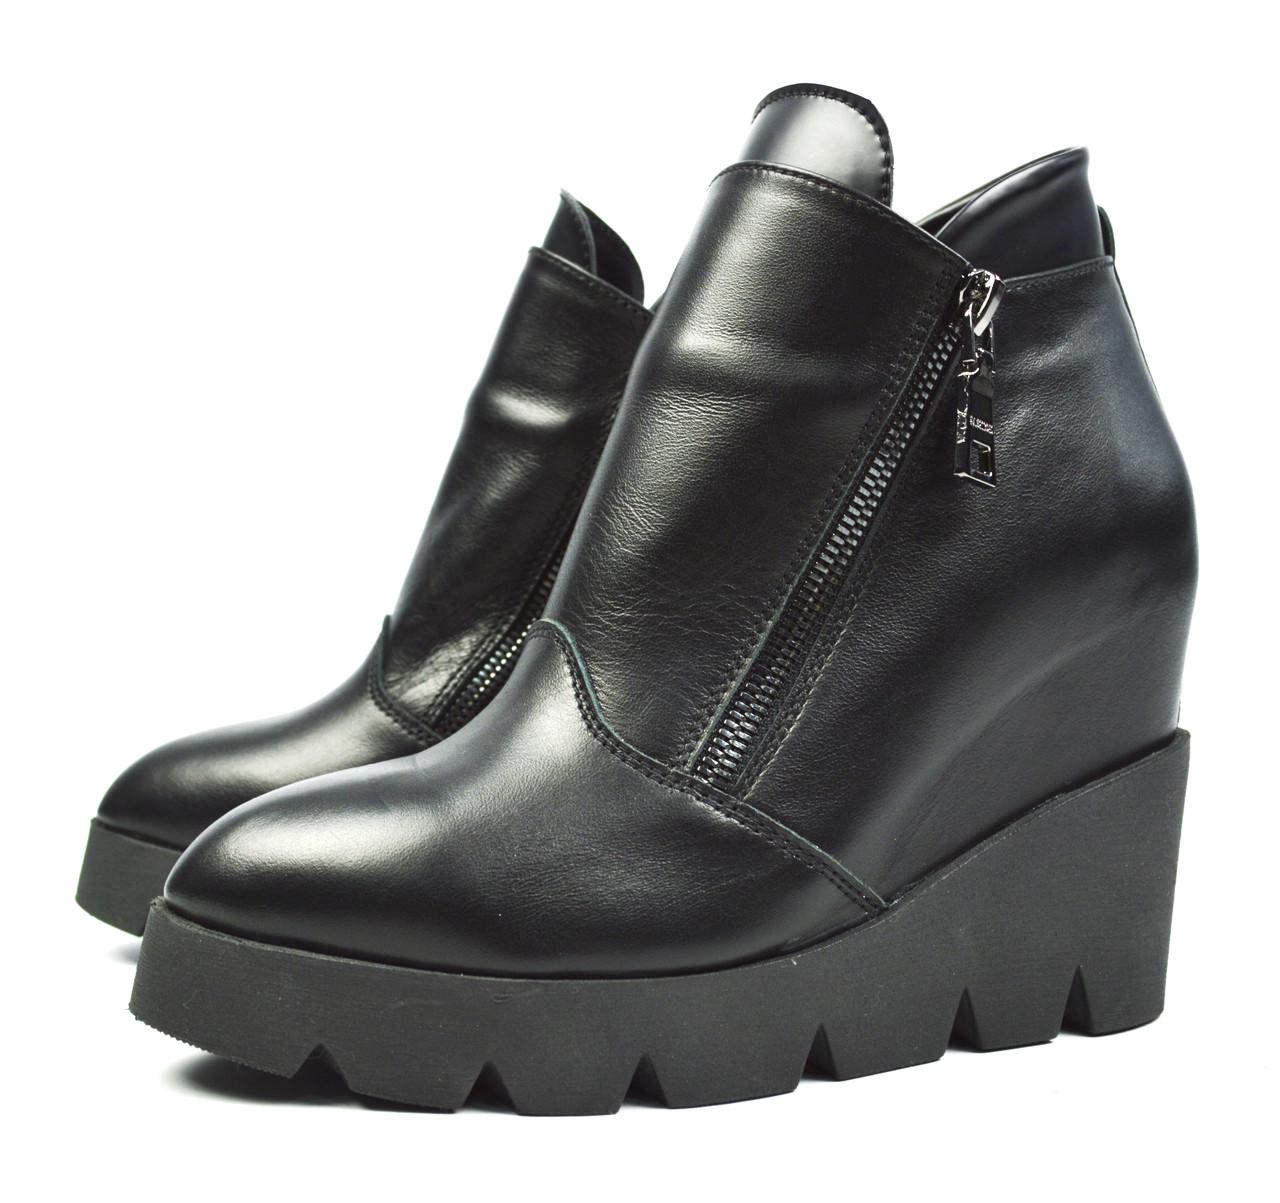 37280e37 Черные зимние женские кожаные ботинки на танкетке Paolo Gianni на байке -